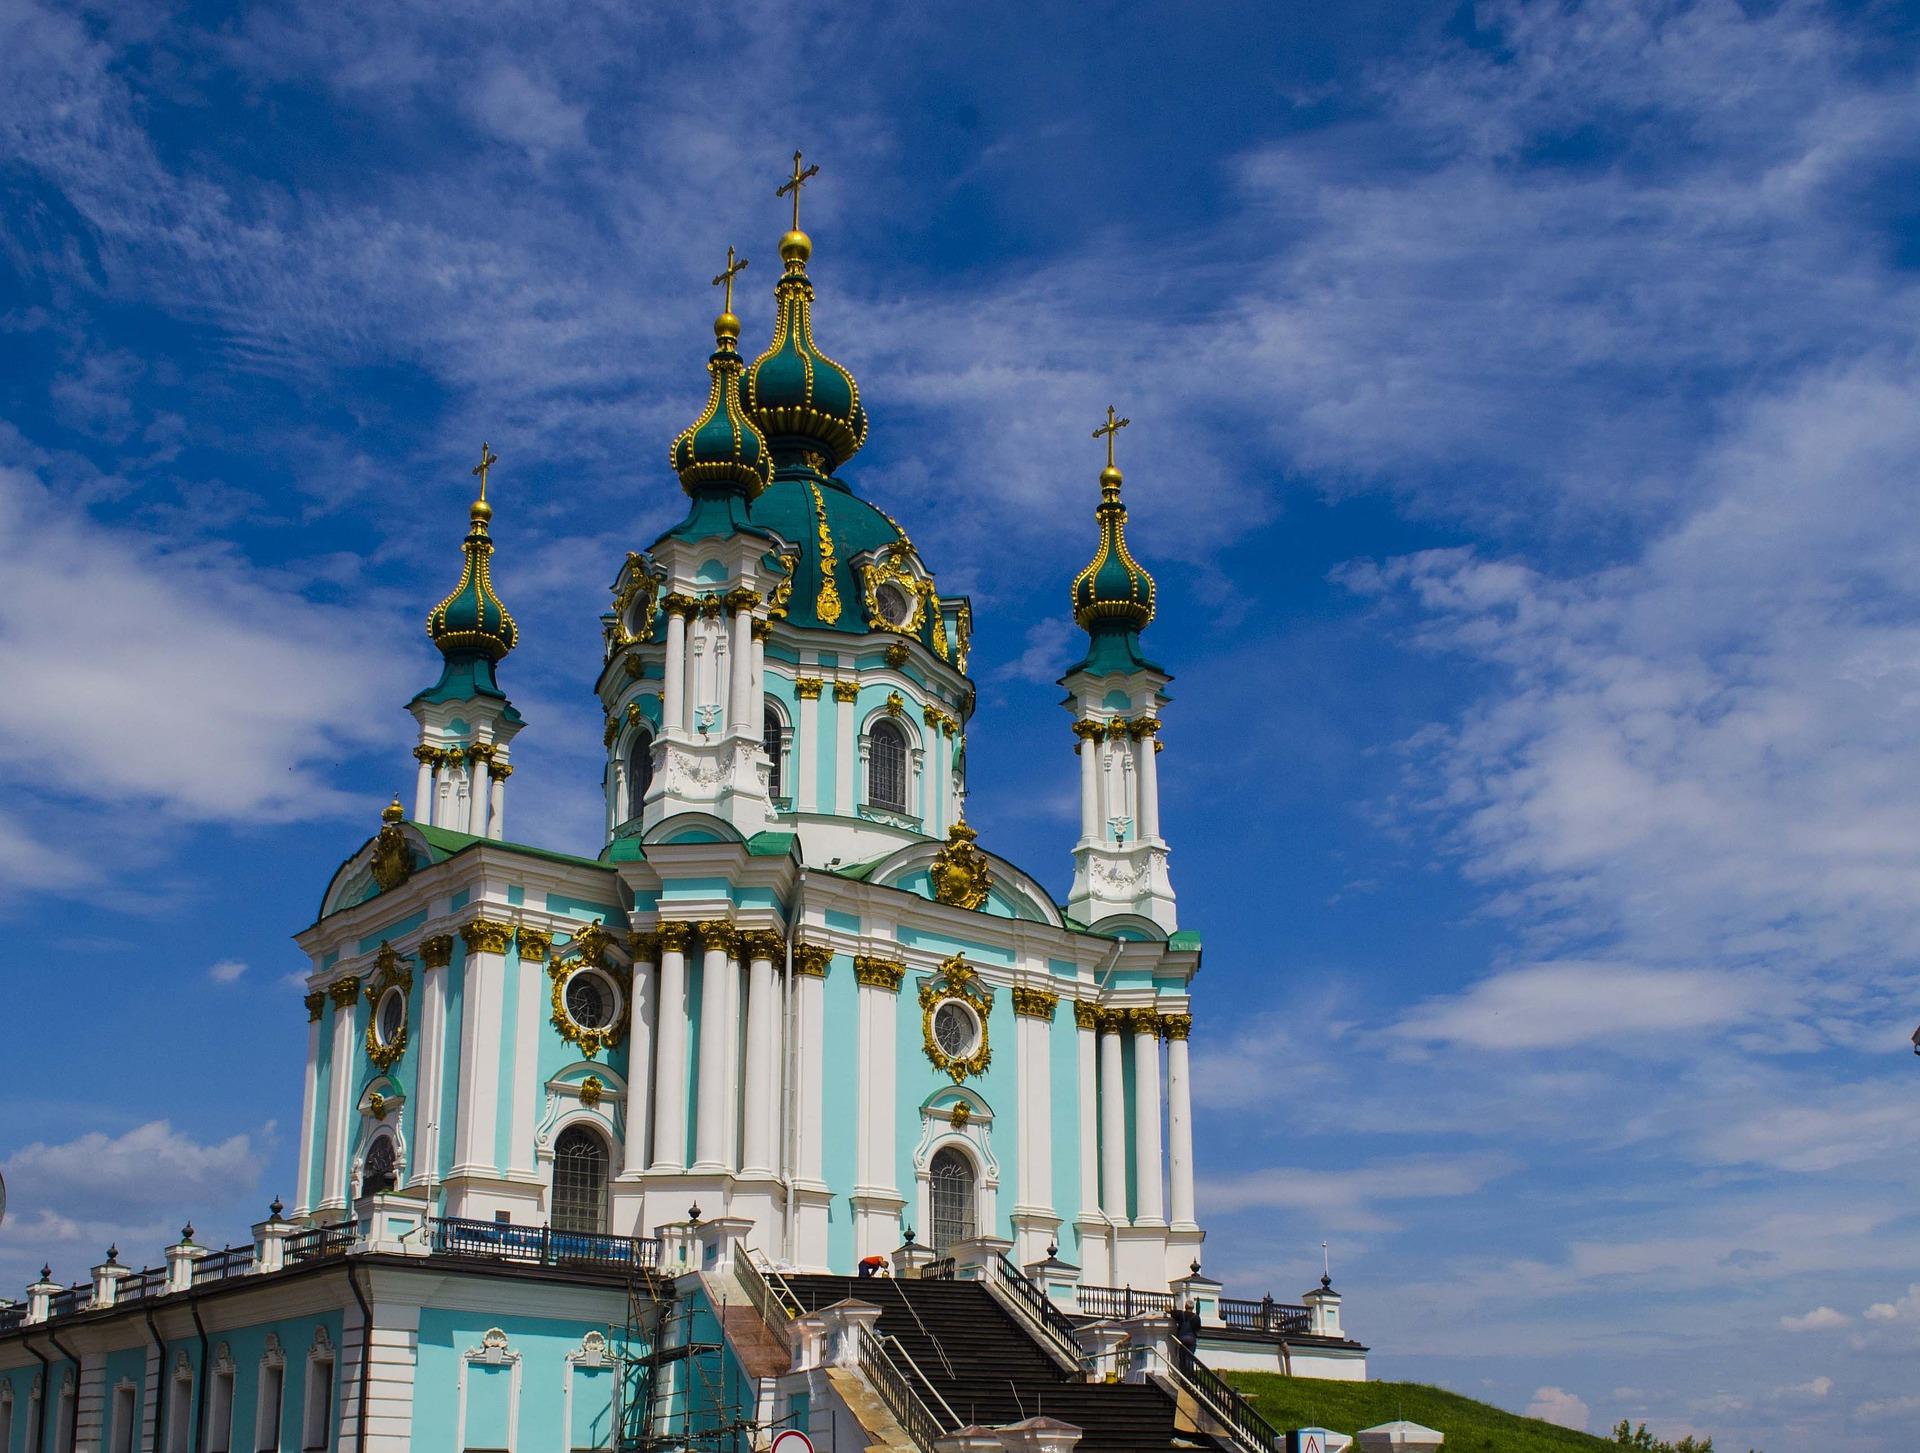 Історія та легенди заснування Києва